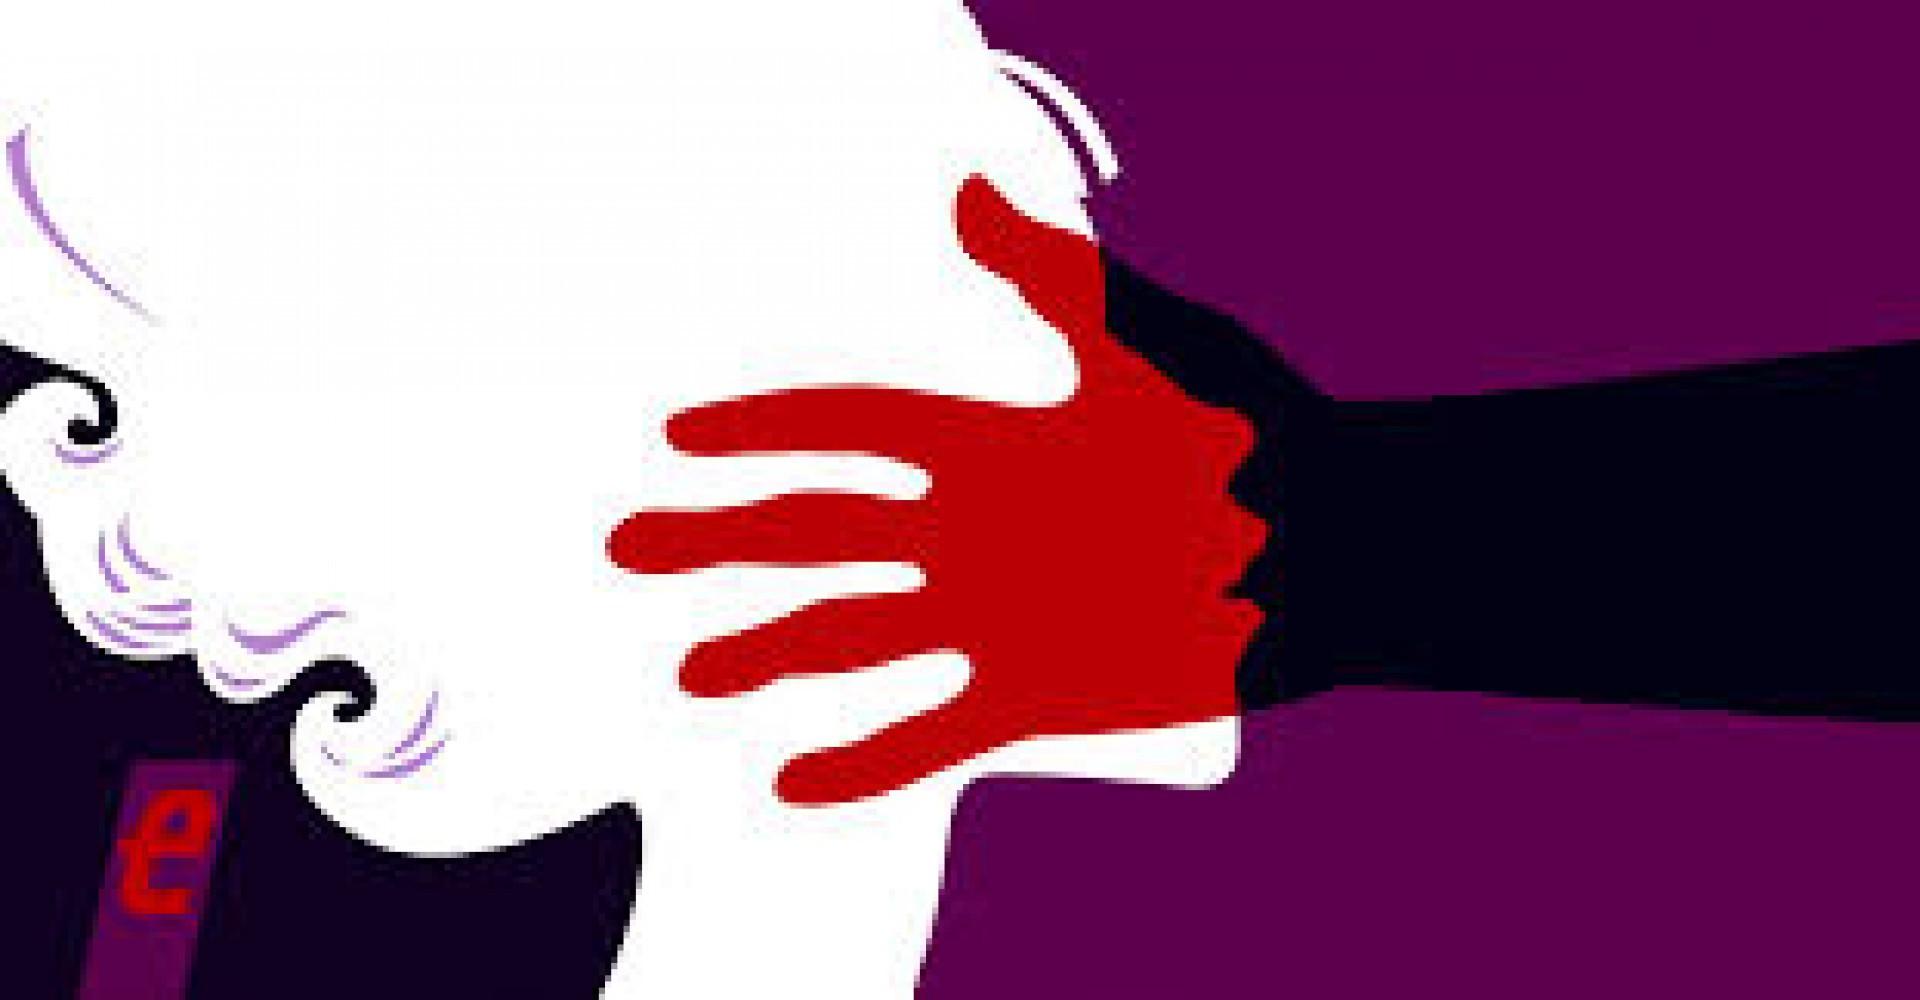 Violência contra a mulher atinge níveis alarmantes no Brasil  (Foto: Infoescola)